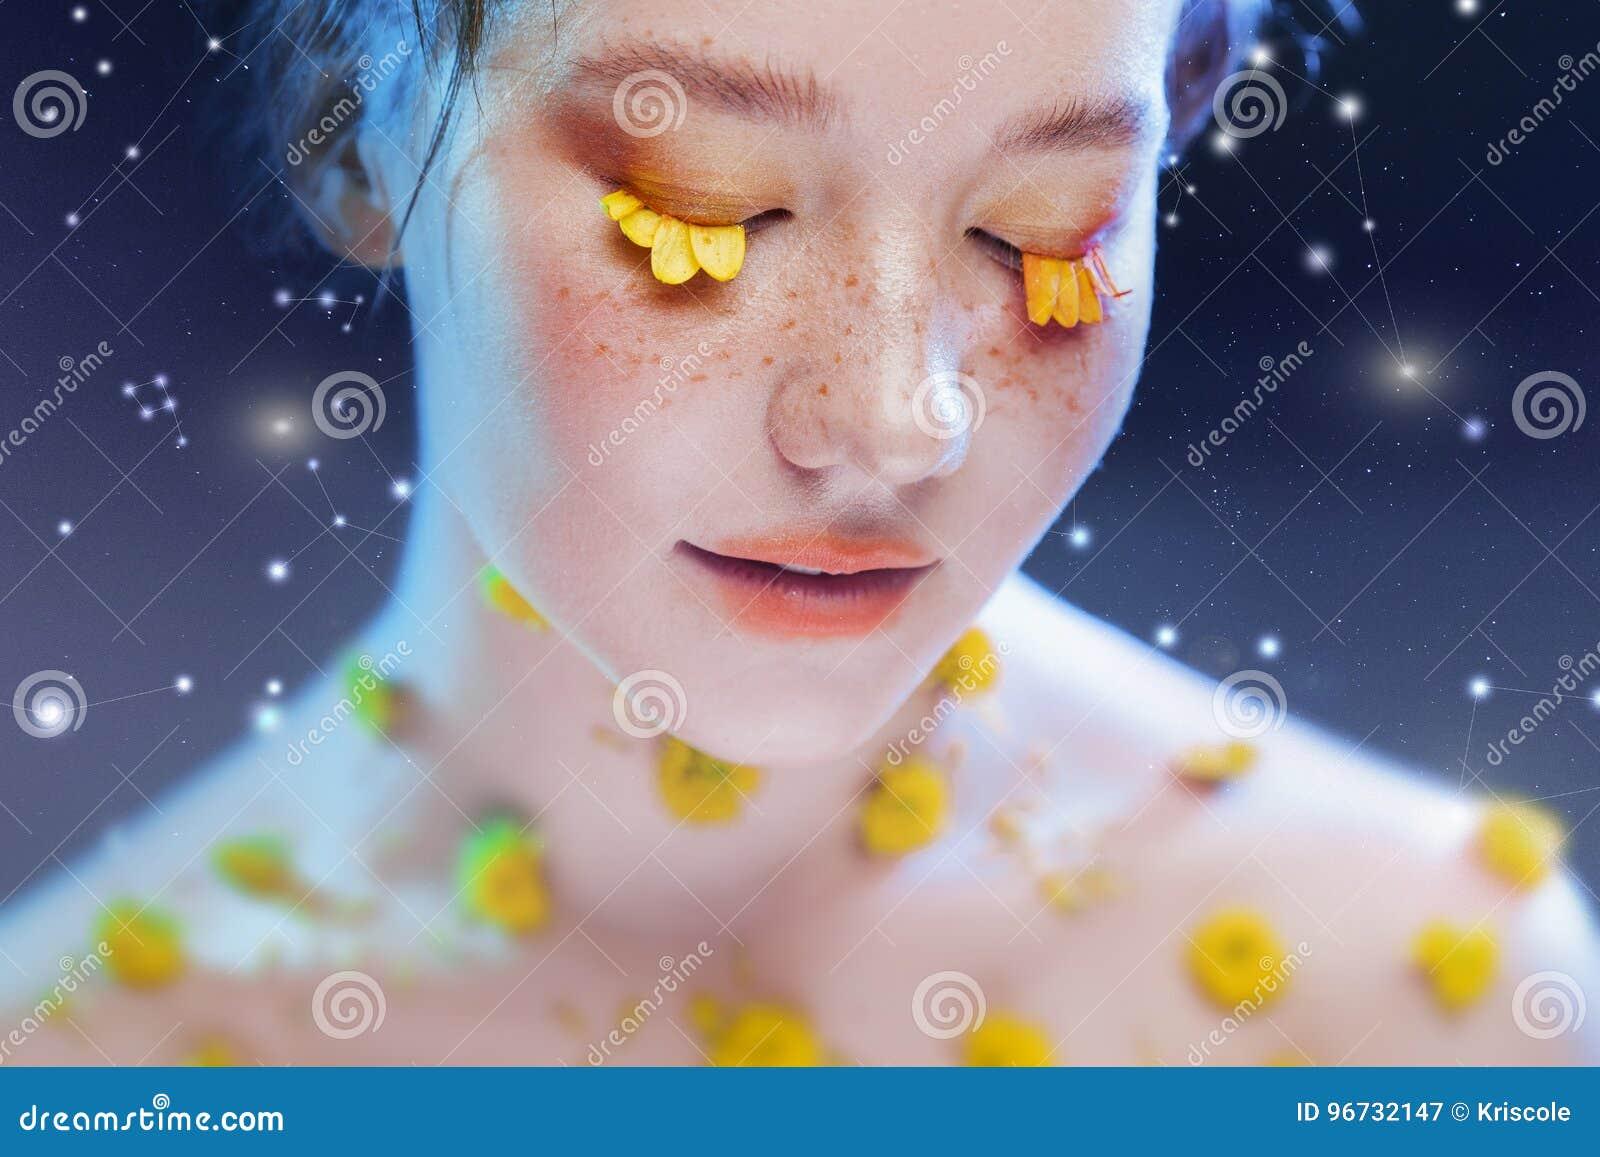 Mooi jong meisje in het beeld van flora, close-upportret Fabelachtig portret op een sterrige achtergrond